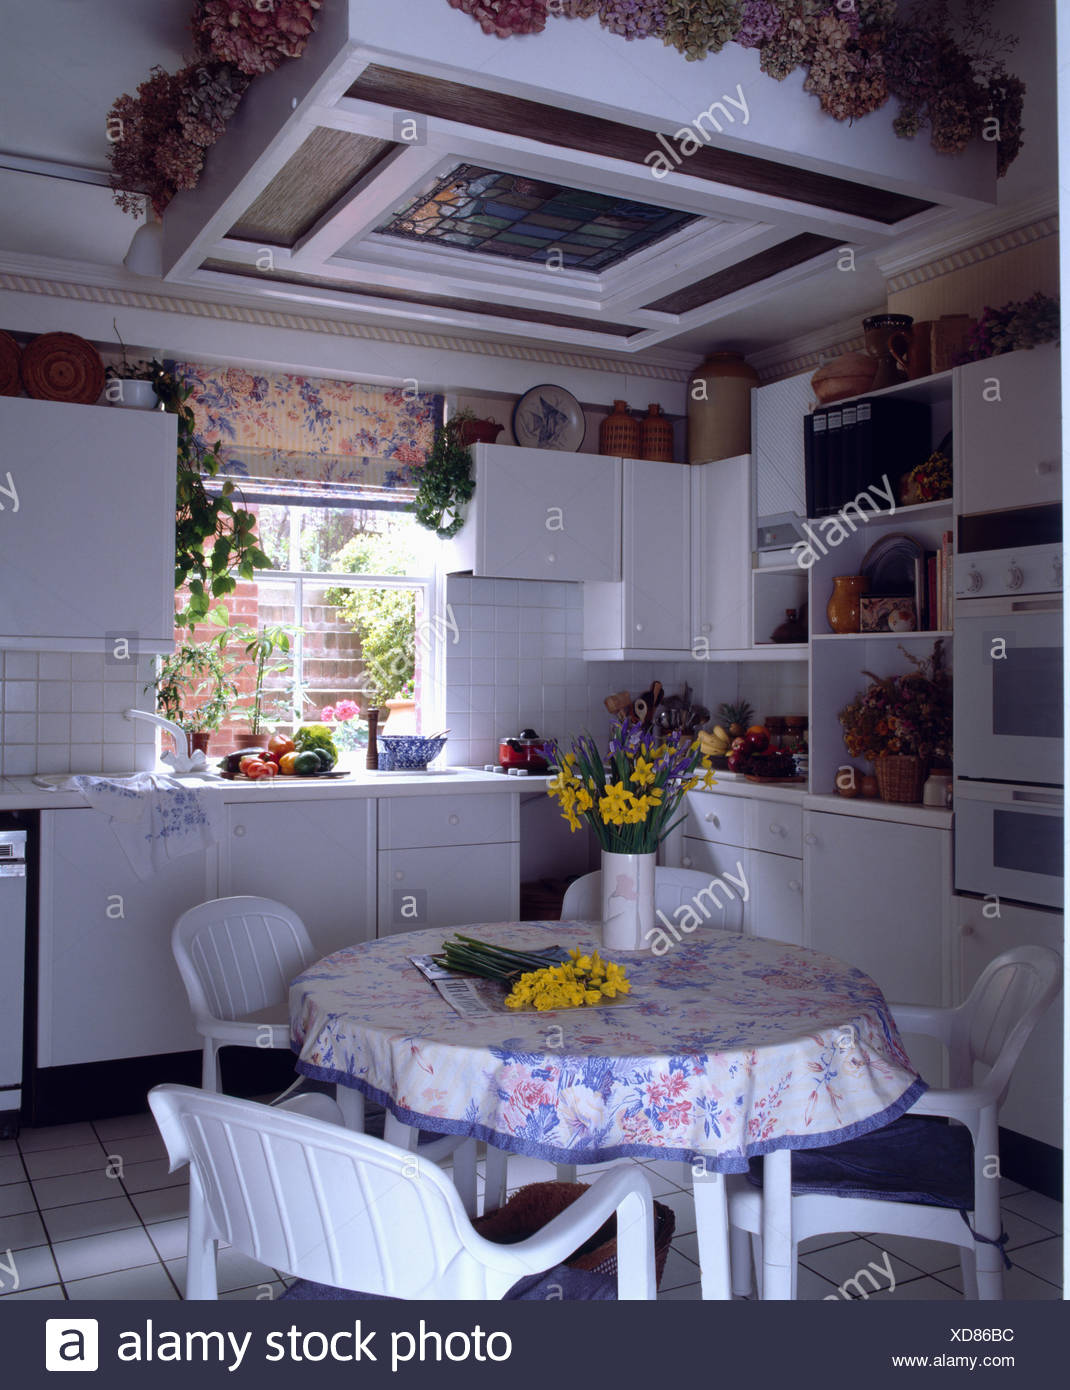 Weiße Stühle und Tischdecke auf dem Tisch in kleine Küche Stockfoto ...